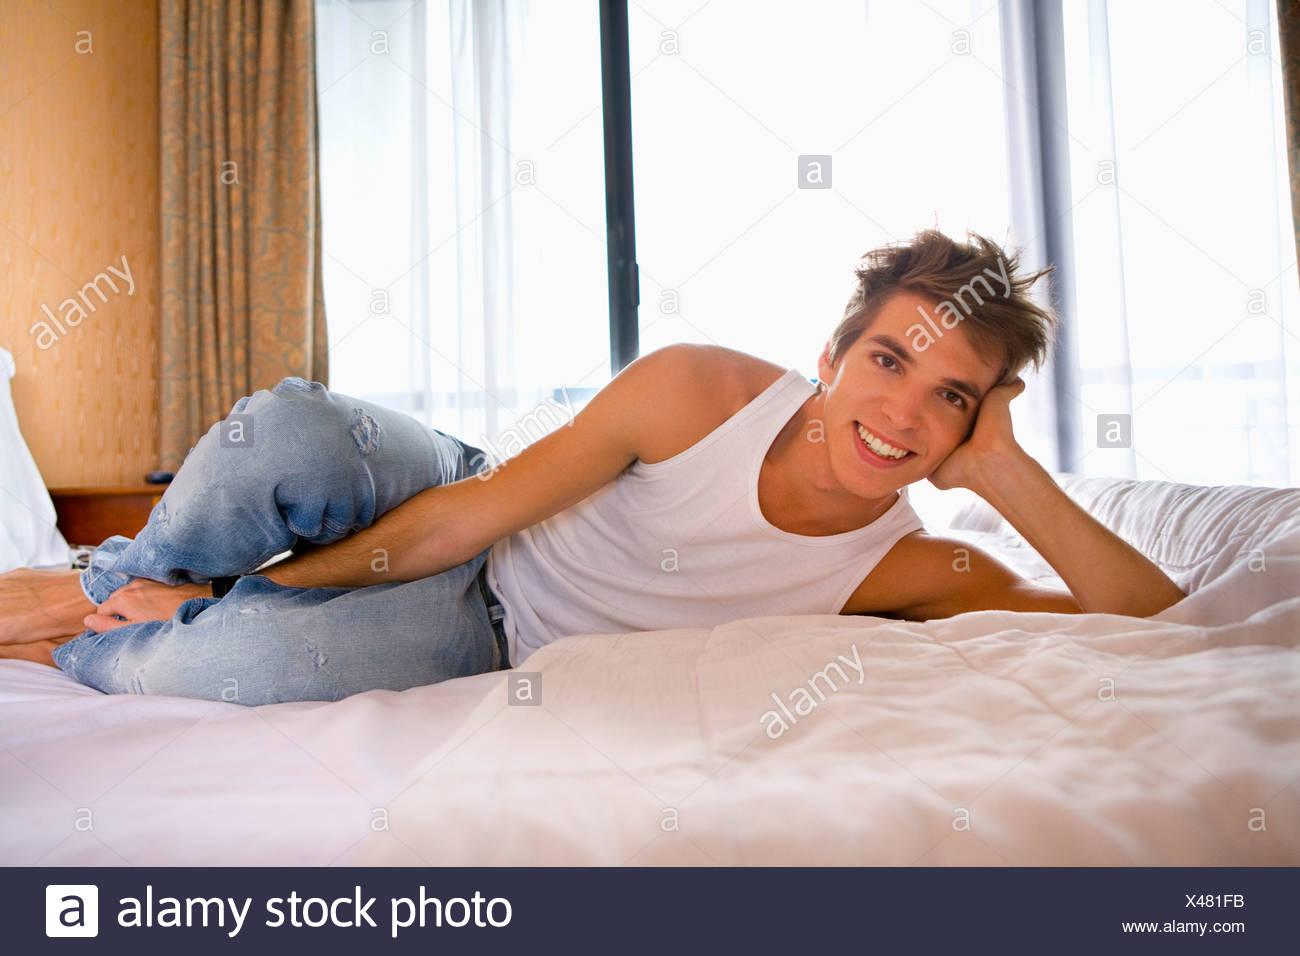 Junger Mann Lächeln legt auf Bett. Stockbild